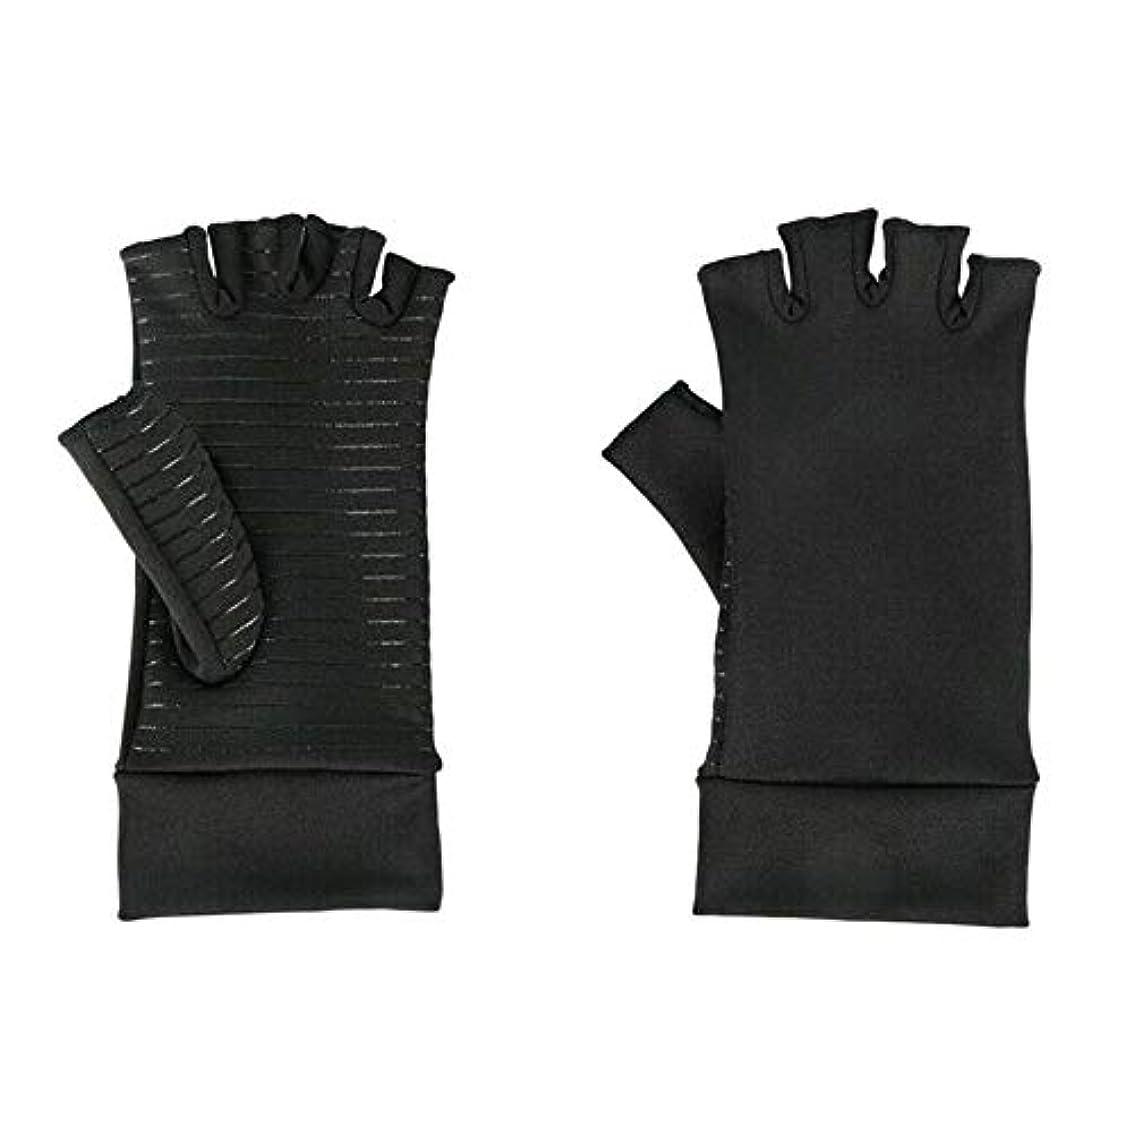 線特異なアクセントSODIAL 圧縮手袋、関節炎、手根管、手首の装具、サポート、S